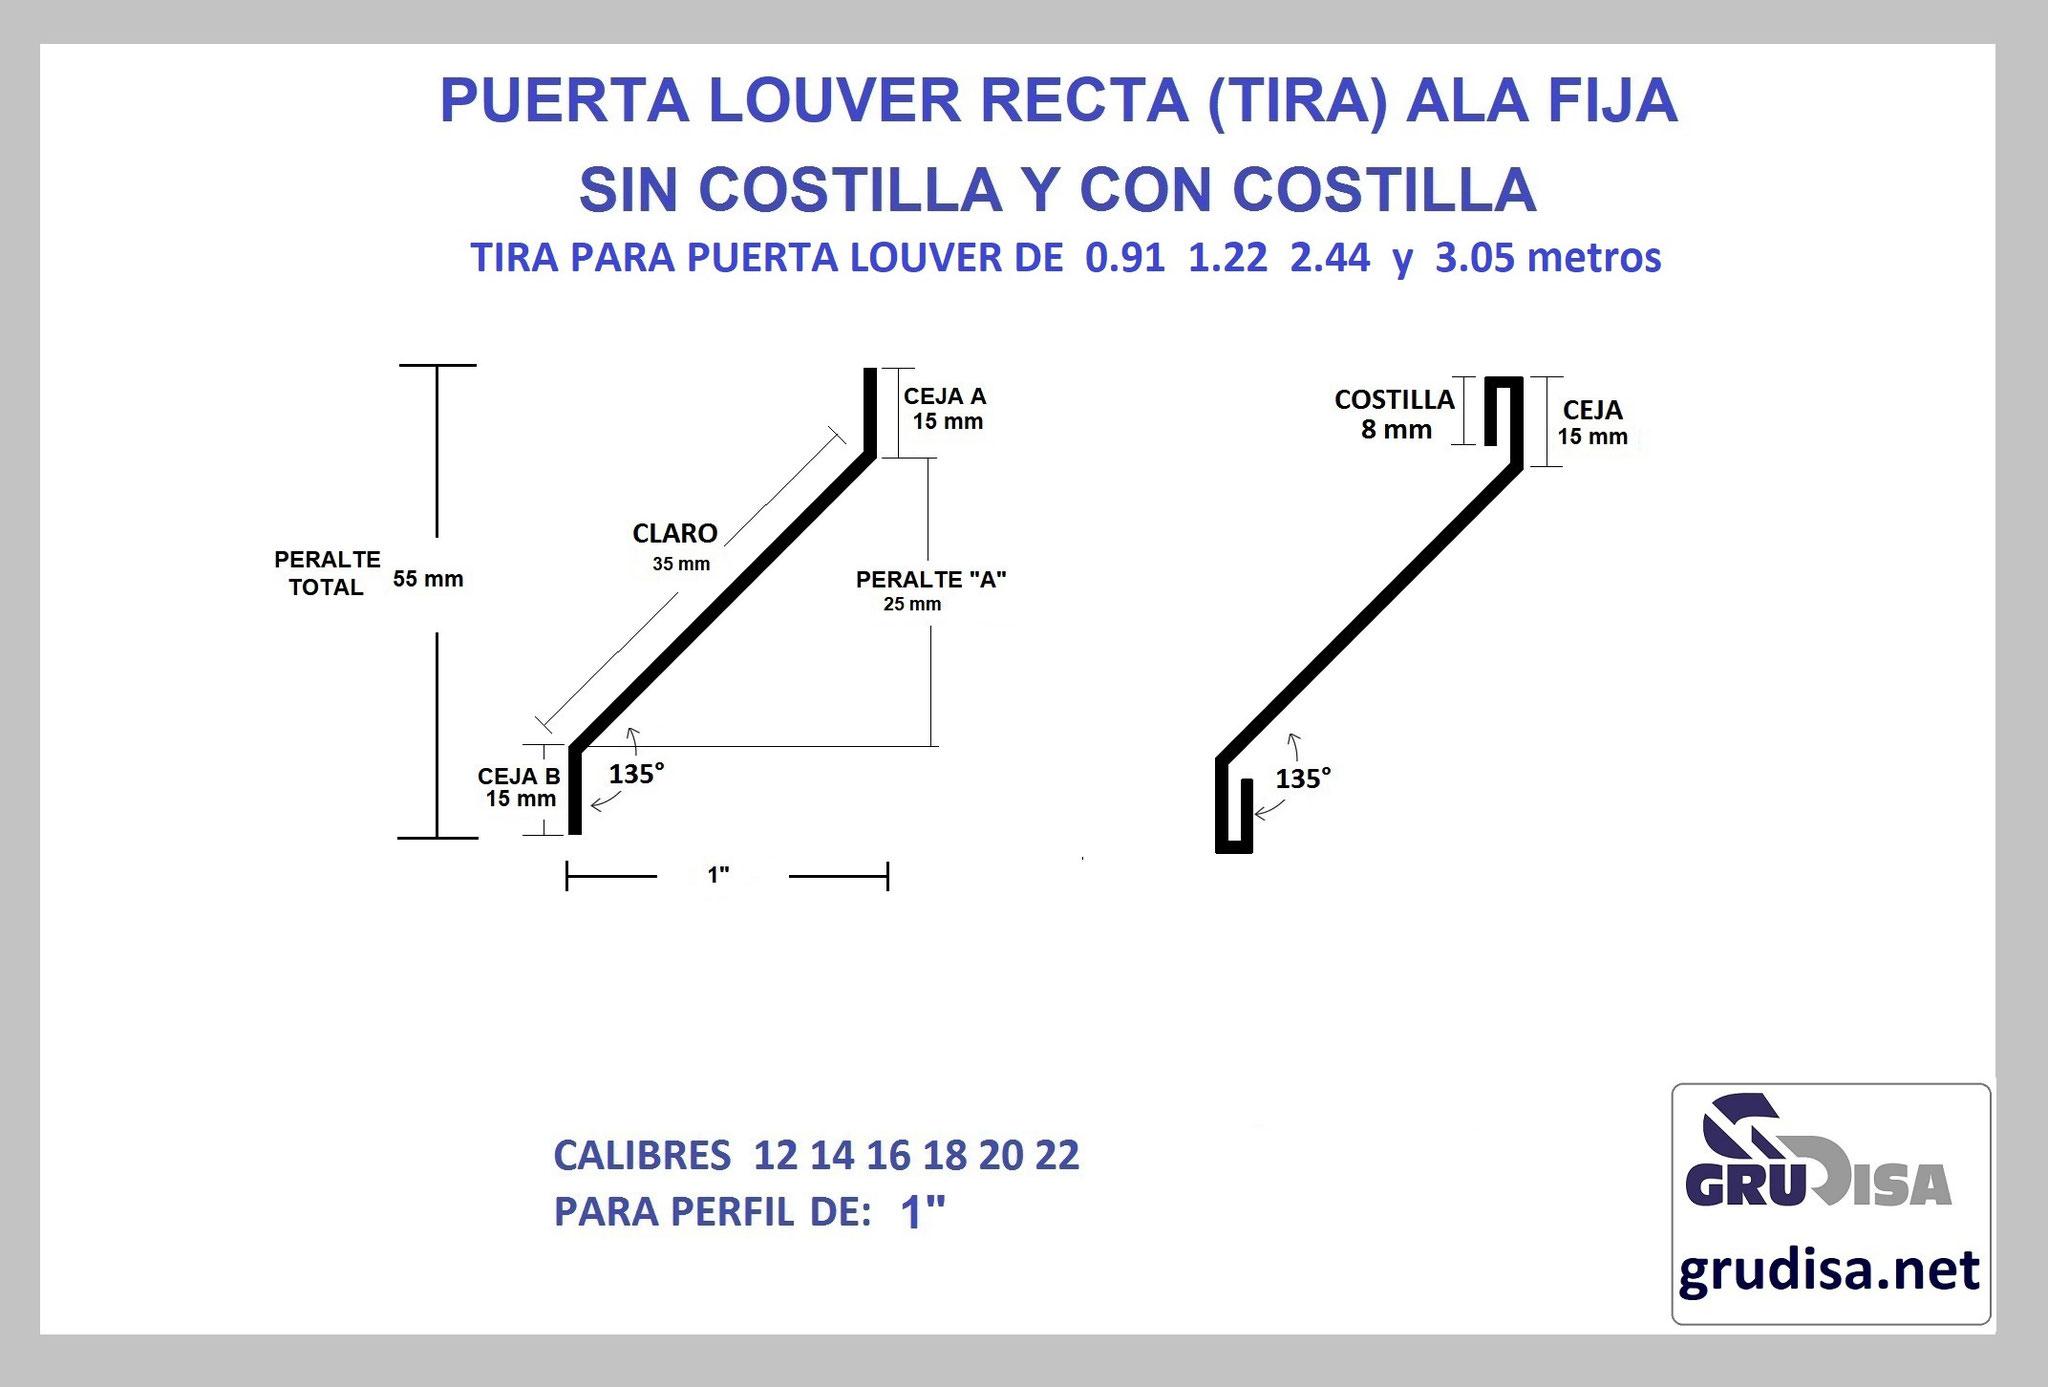 """PUERTA LOUVER (TIRA) MODELO RECTA PARA ARMAR EN PERFIL DE 1"""""""